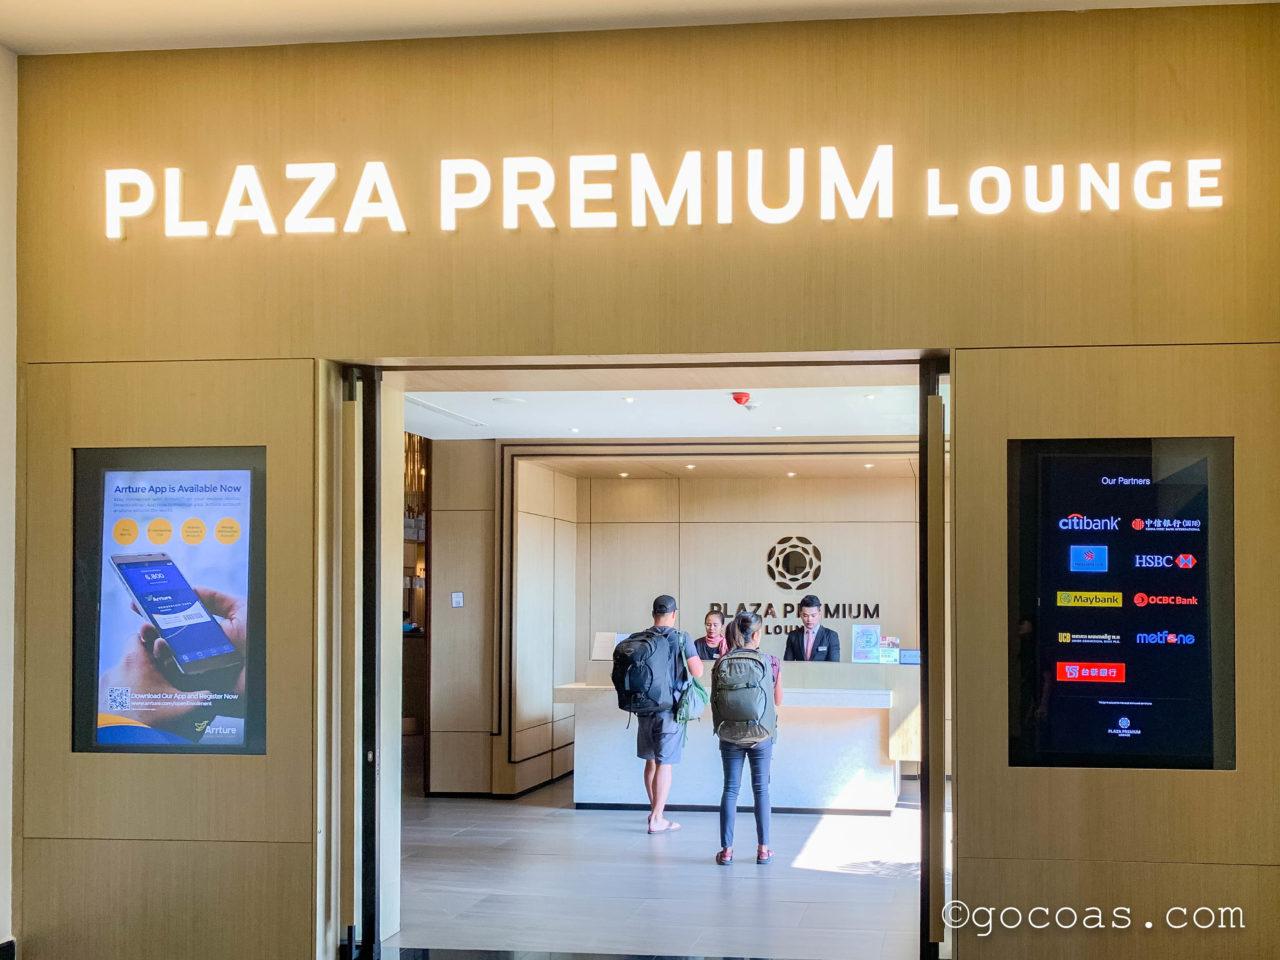 シェムリアップ国際空港のPLAZA PREMIUM LOUNGEの外観